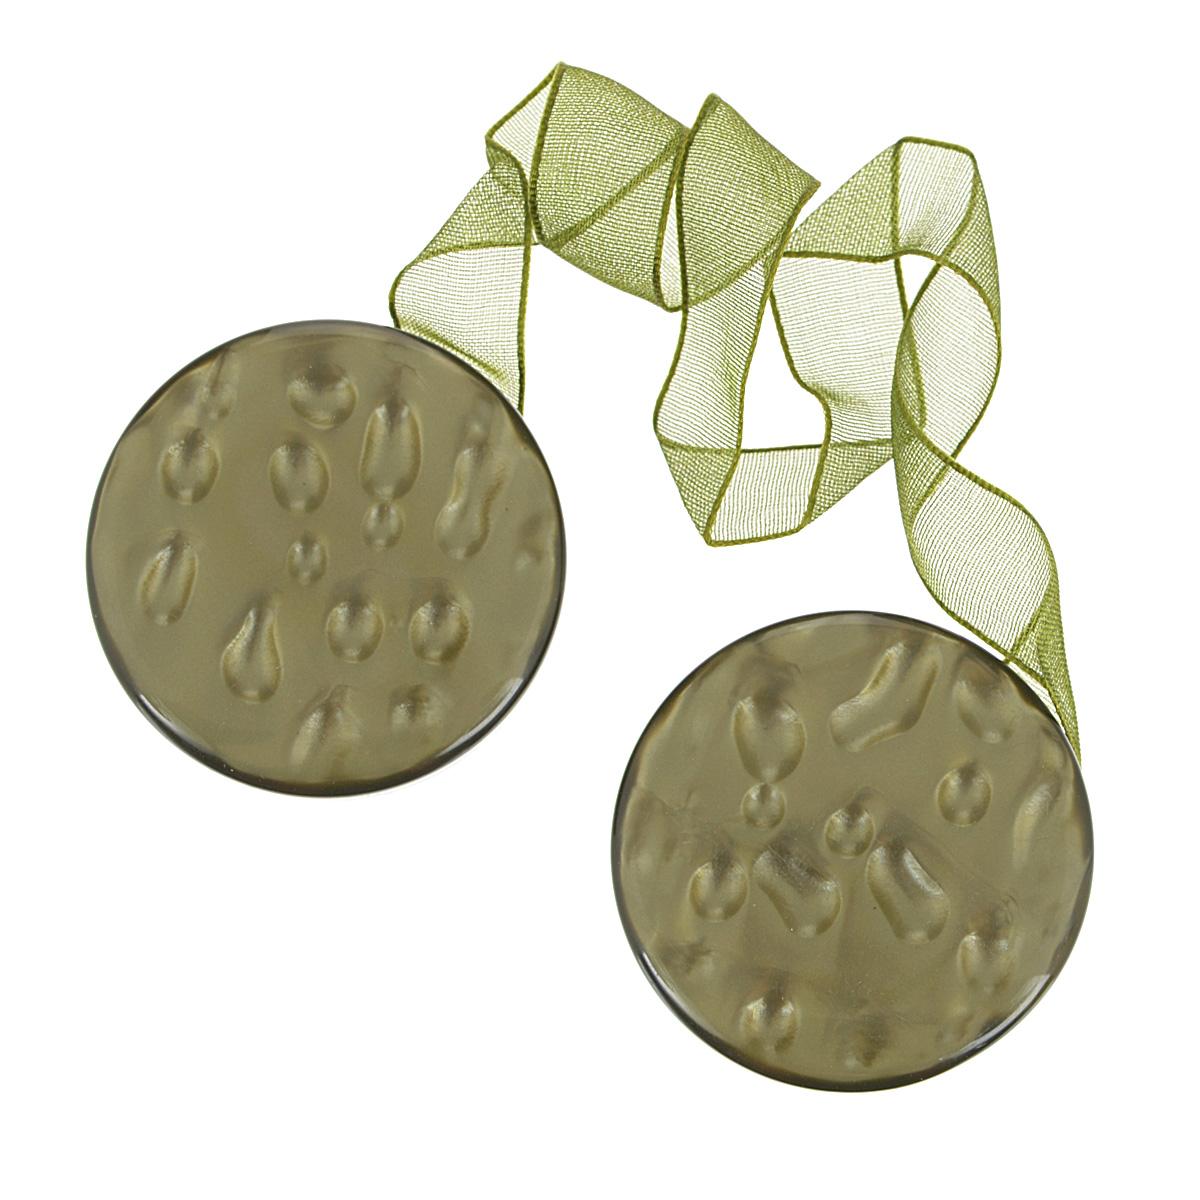 Клипса-магнит для штор Calamita Fiore, цвет: хаки. 675238_698675238_698Клипса-магнит Calamita Fiore, изготовленная из пластика и текстиля, предназначена для придания формы шторам. Изделие представляет собой два магнита круглой формы, расположенные на разных концах текстильной ленты. С помощью такой магнитной клипсы можно зафиксировать портьеры, придать им требуемое положение, сделать складки симметричными или приблизить портьеры, скрепить их. Клипсы для штор являются универсальным изделием, которое превосходно подойдет как для штор в детской комнате, так и для штор в гостиной. Следует отметить, что клипсы для штор выполняют не только практическую функцию, но также являются одной из основных деталей декора этого изделия, которая придает шторам восхитительный, стильный внешний вид.